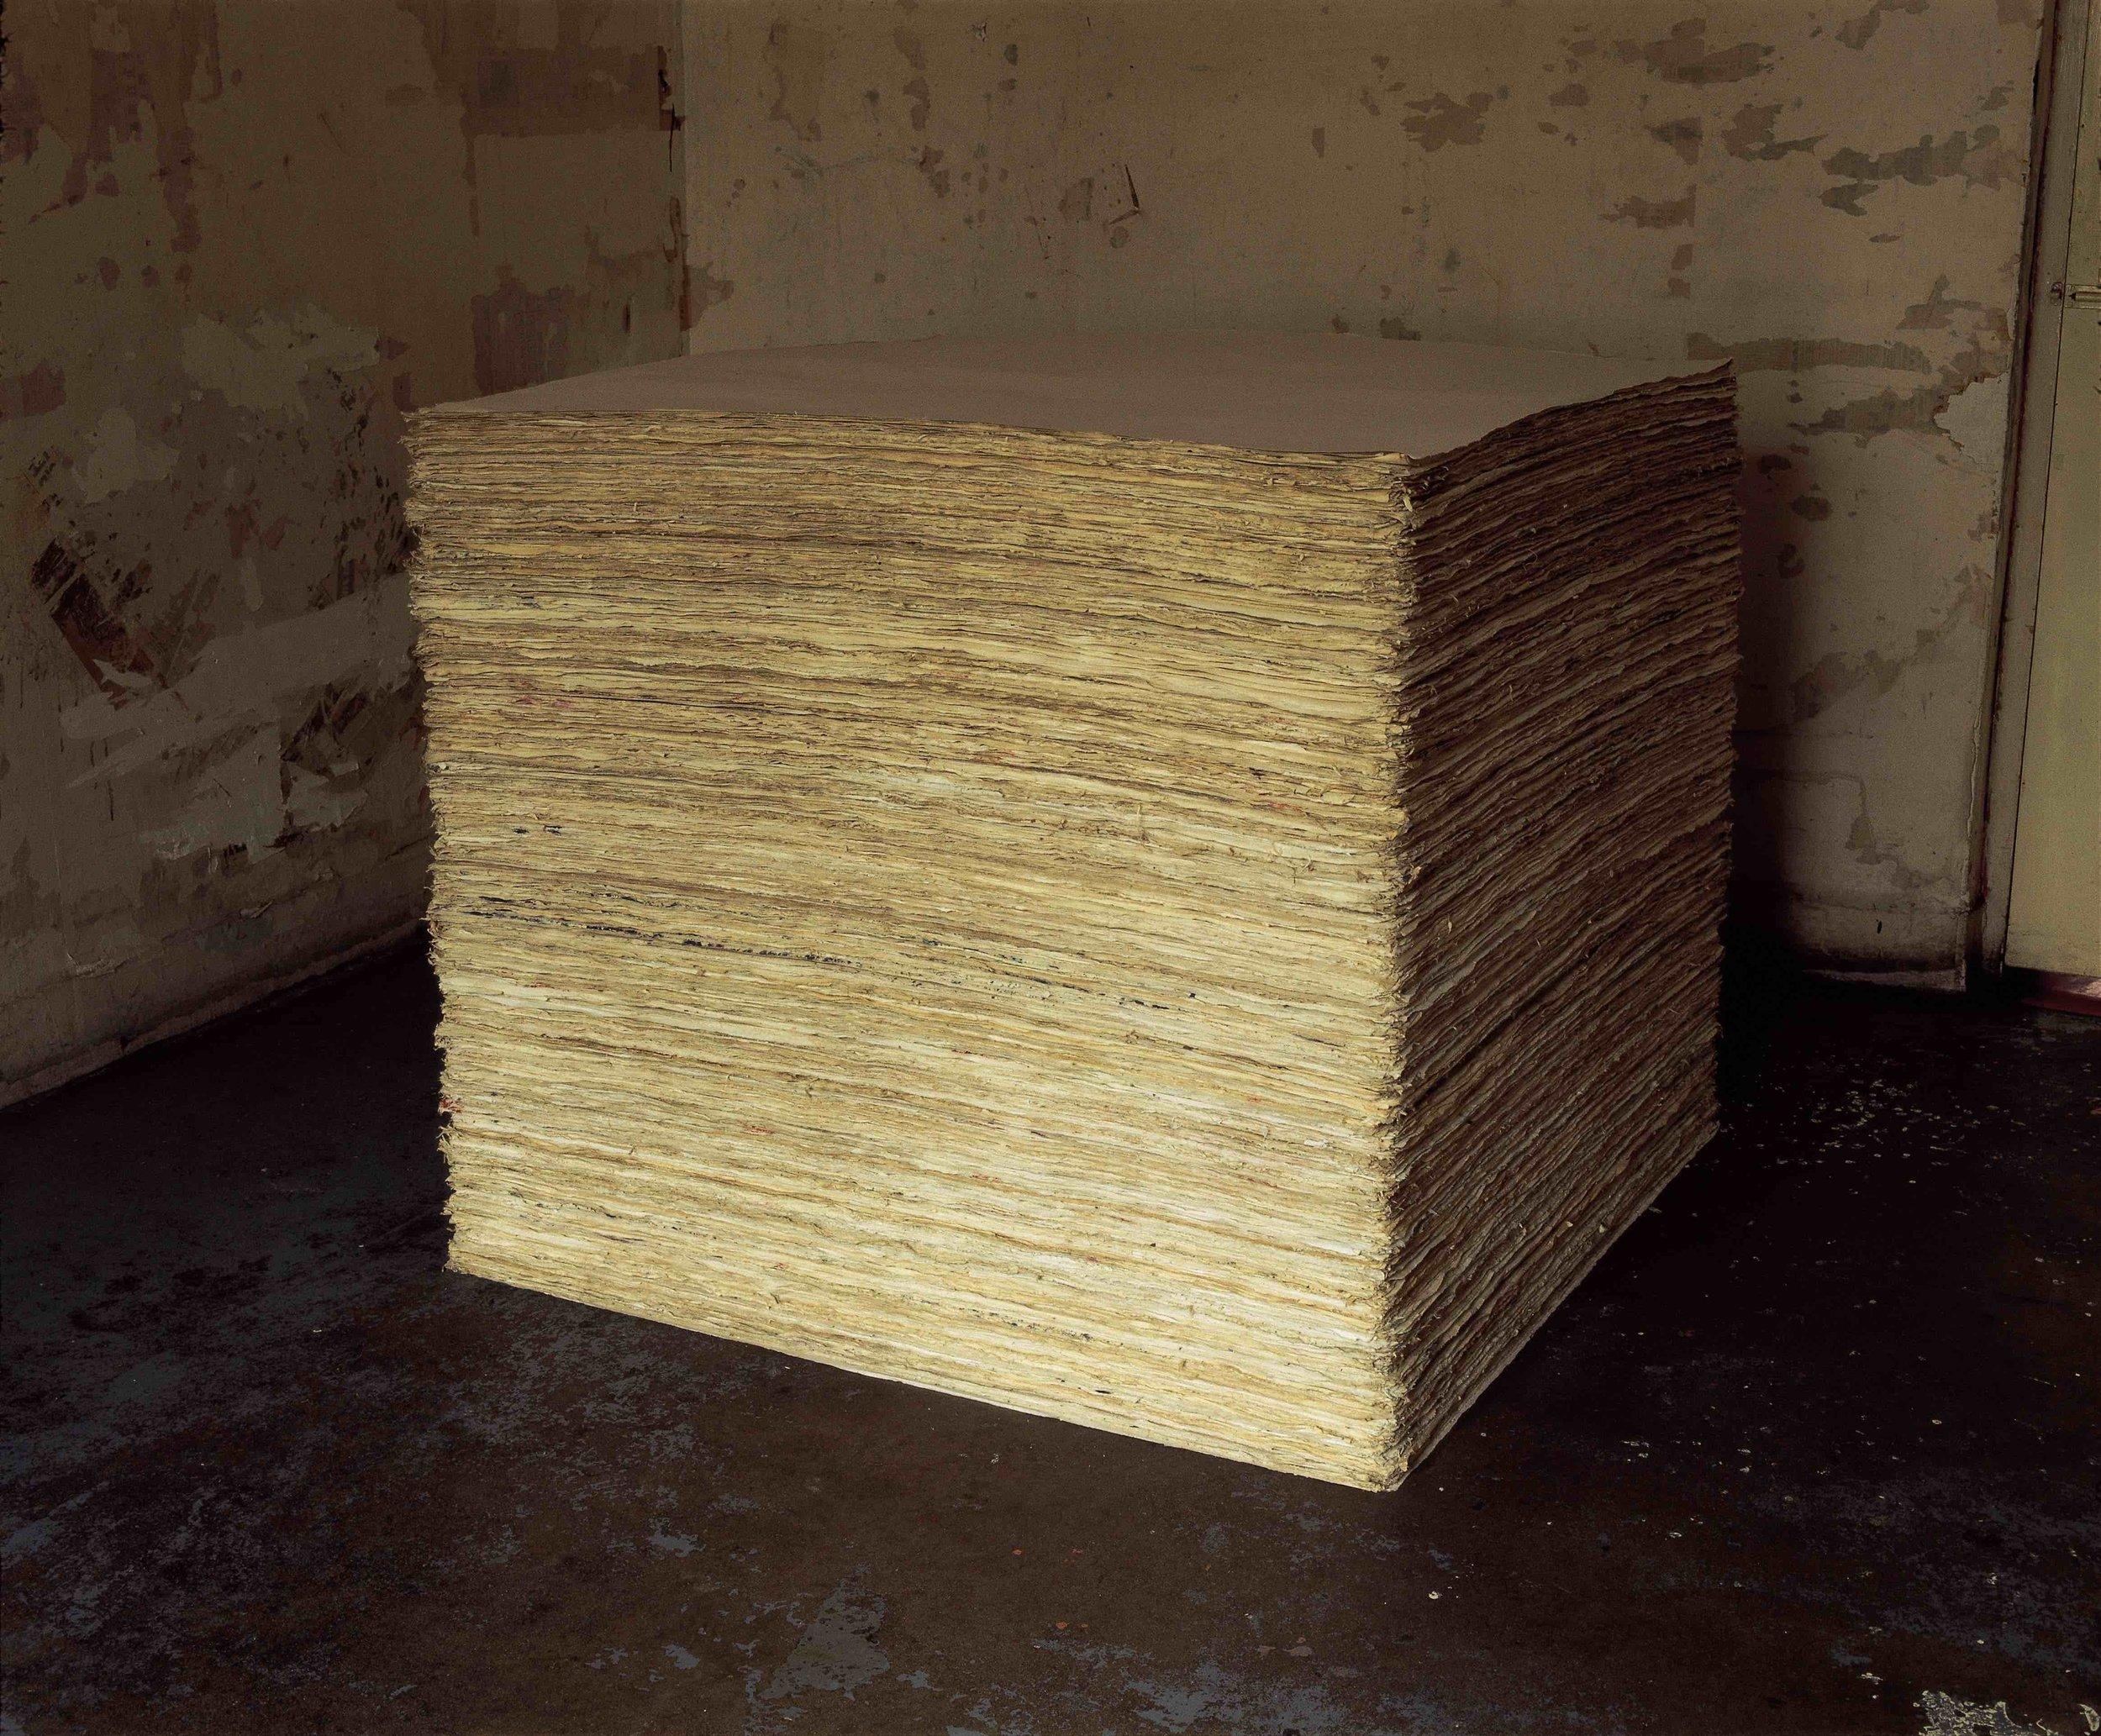 A cubic meter of Xuan paper in Beijing. Fangzhen project (1988). 方阵计划; 一立方宣纸在北京